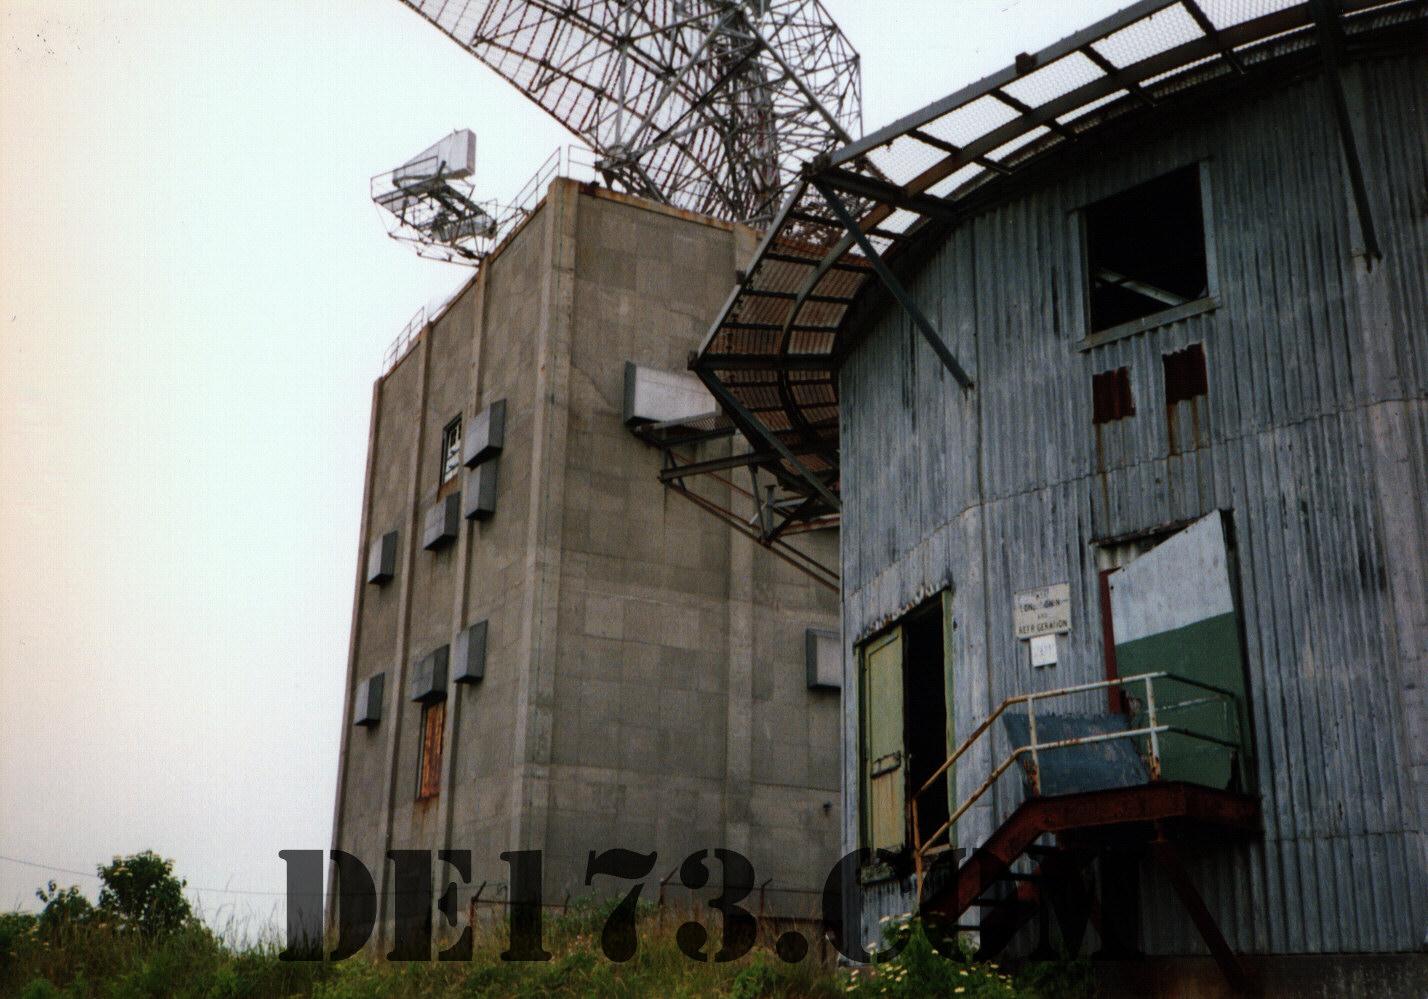 Radar Tower at Montauk Point